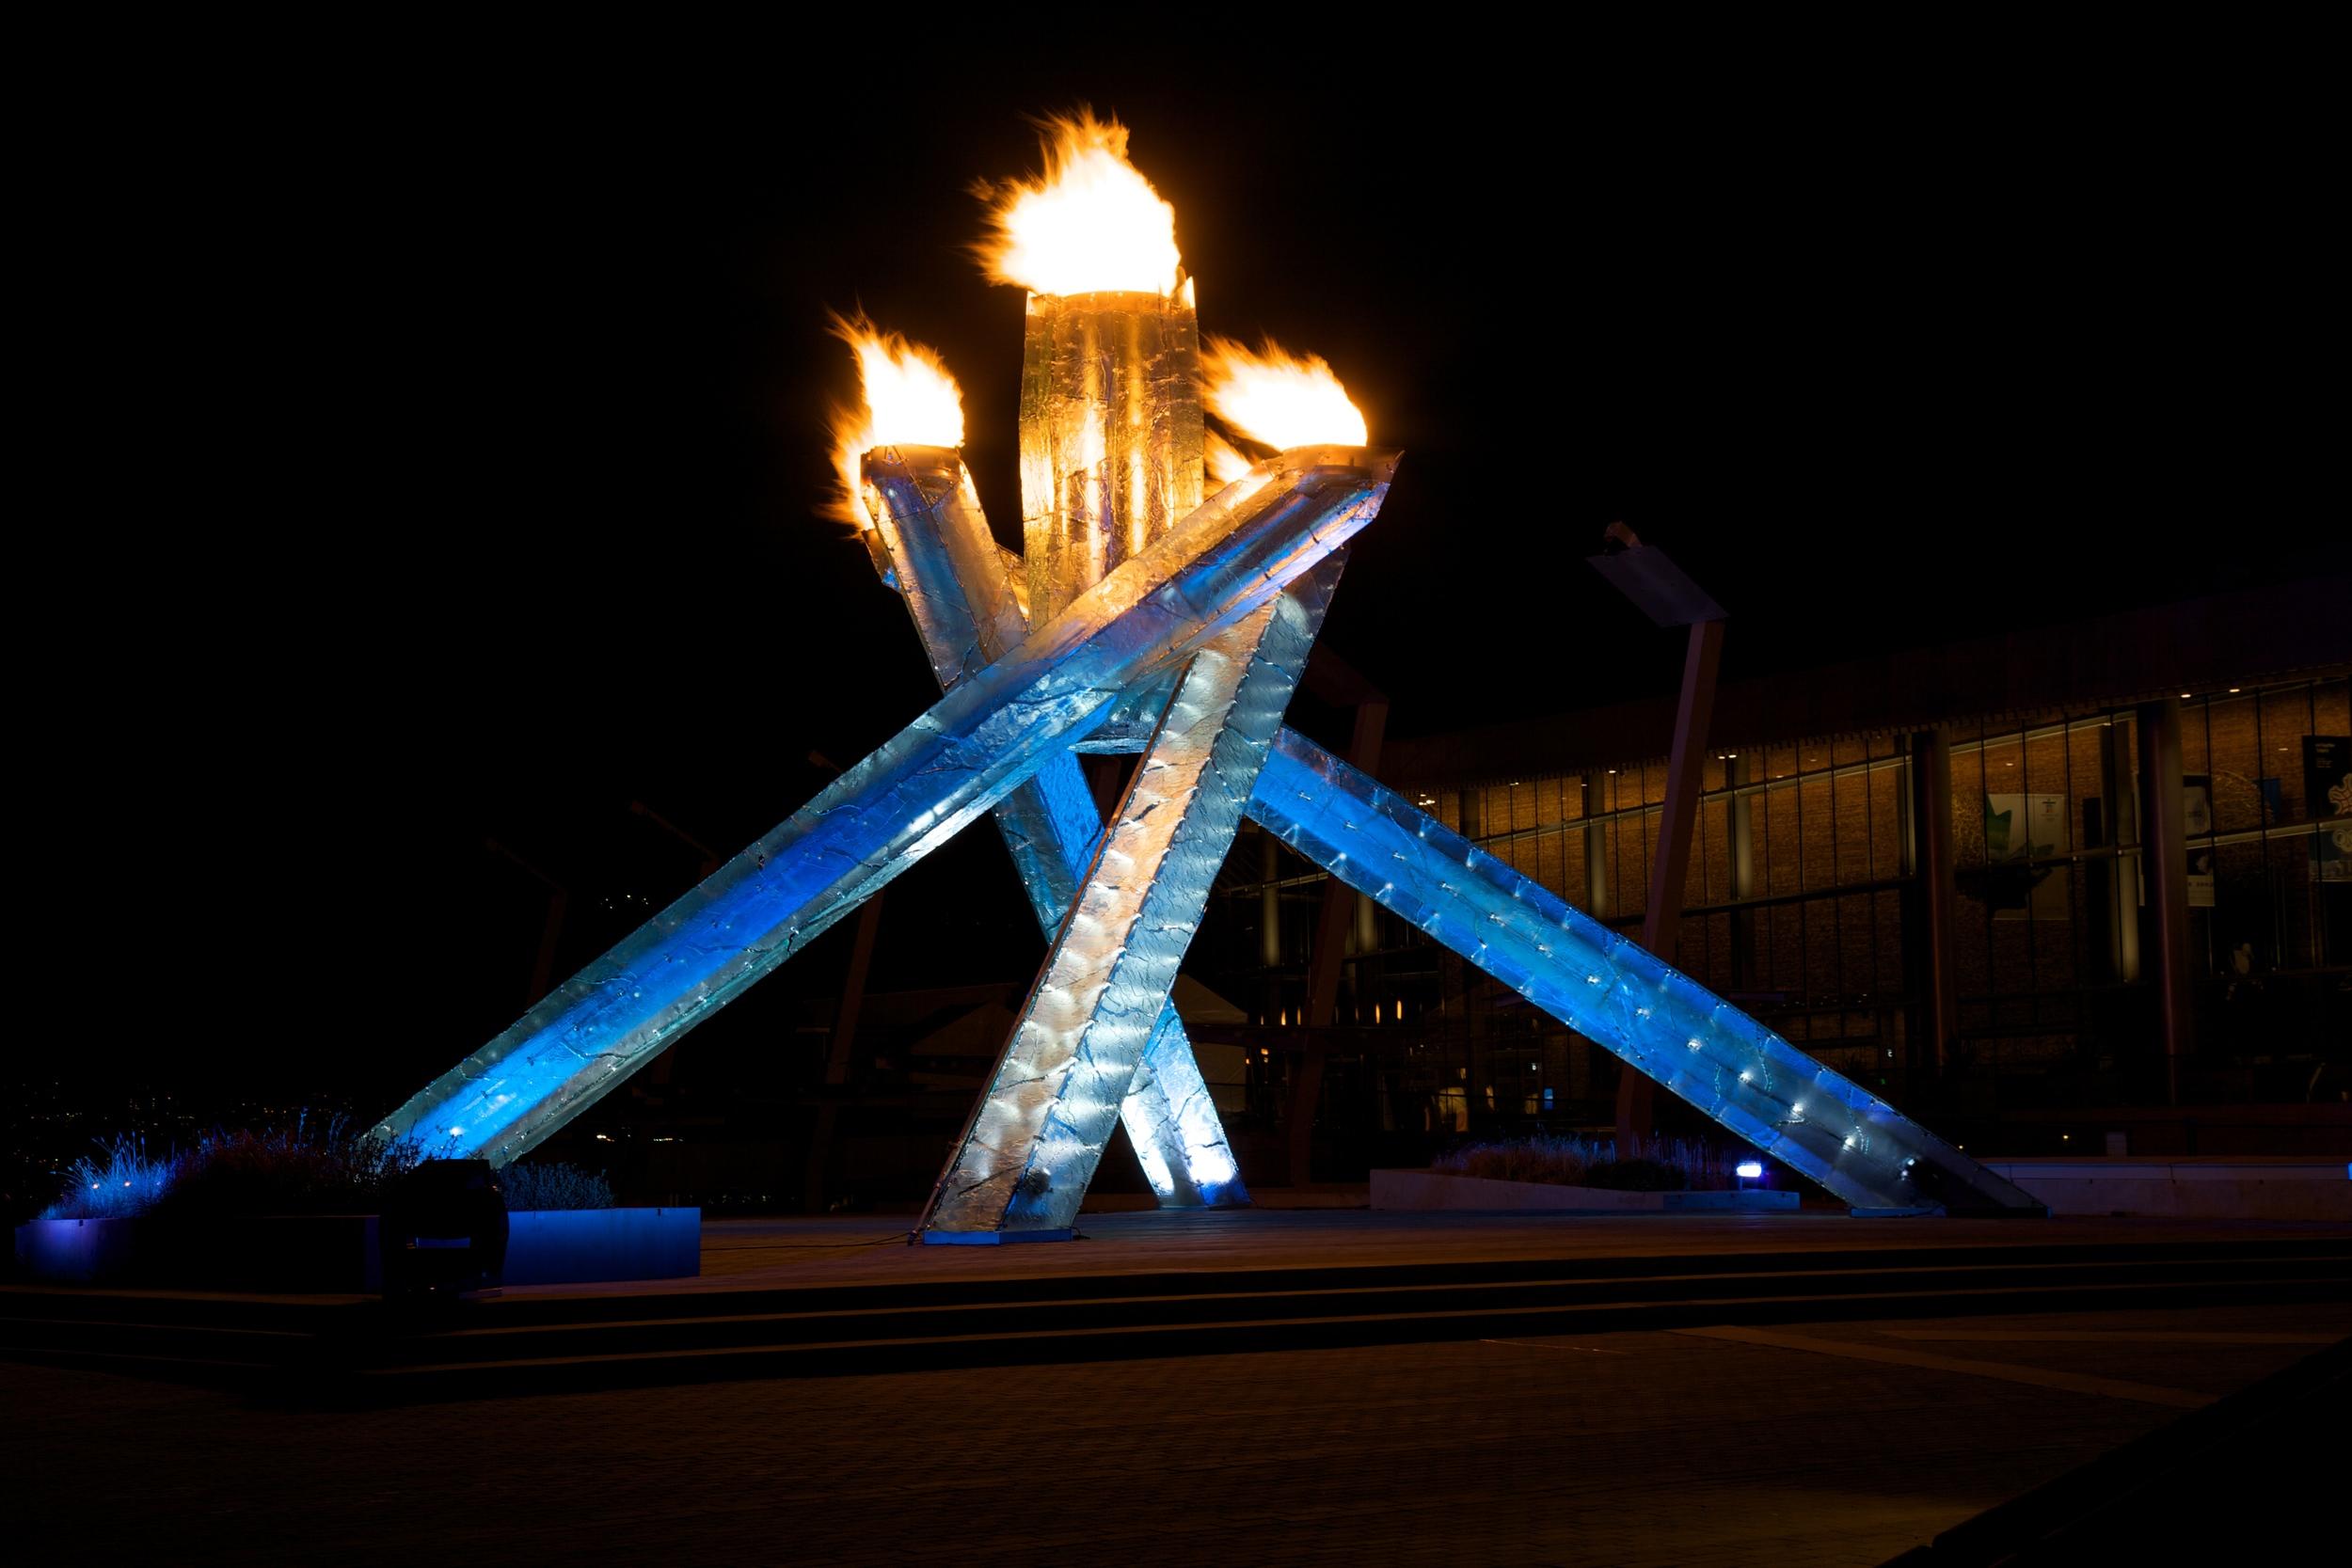 Vancouver2010++9813-796640814-O.jpg